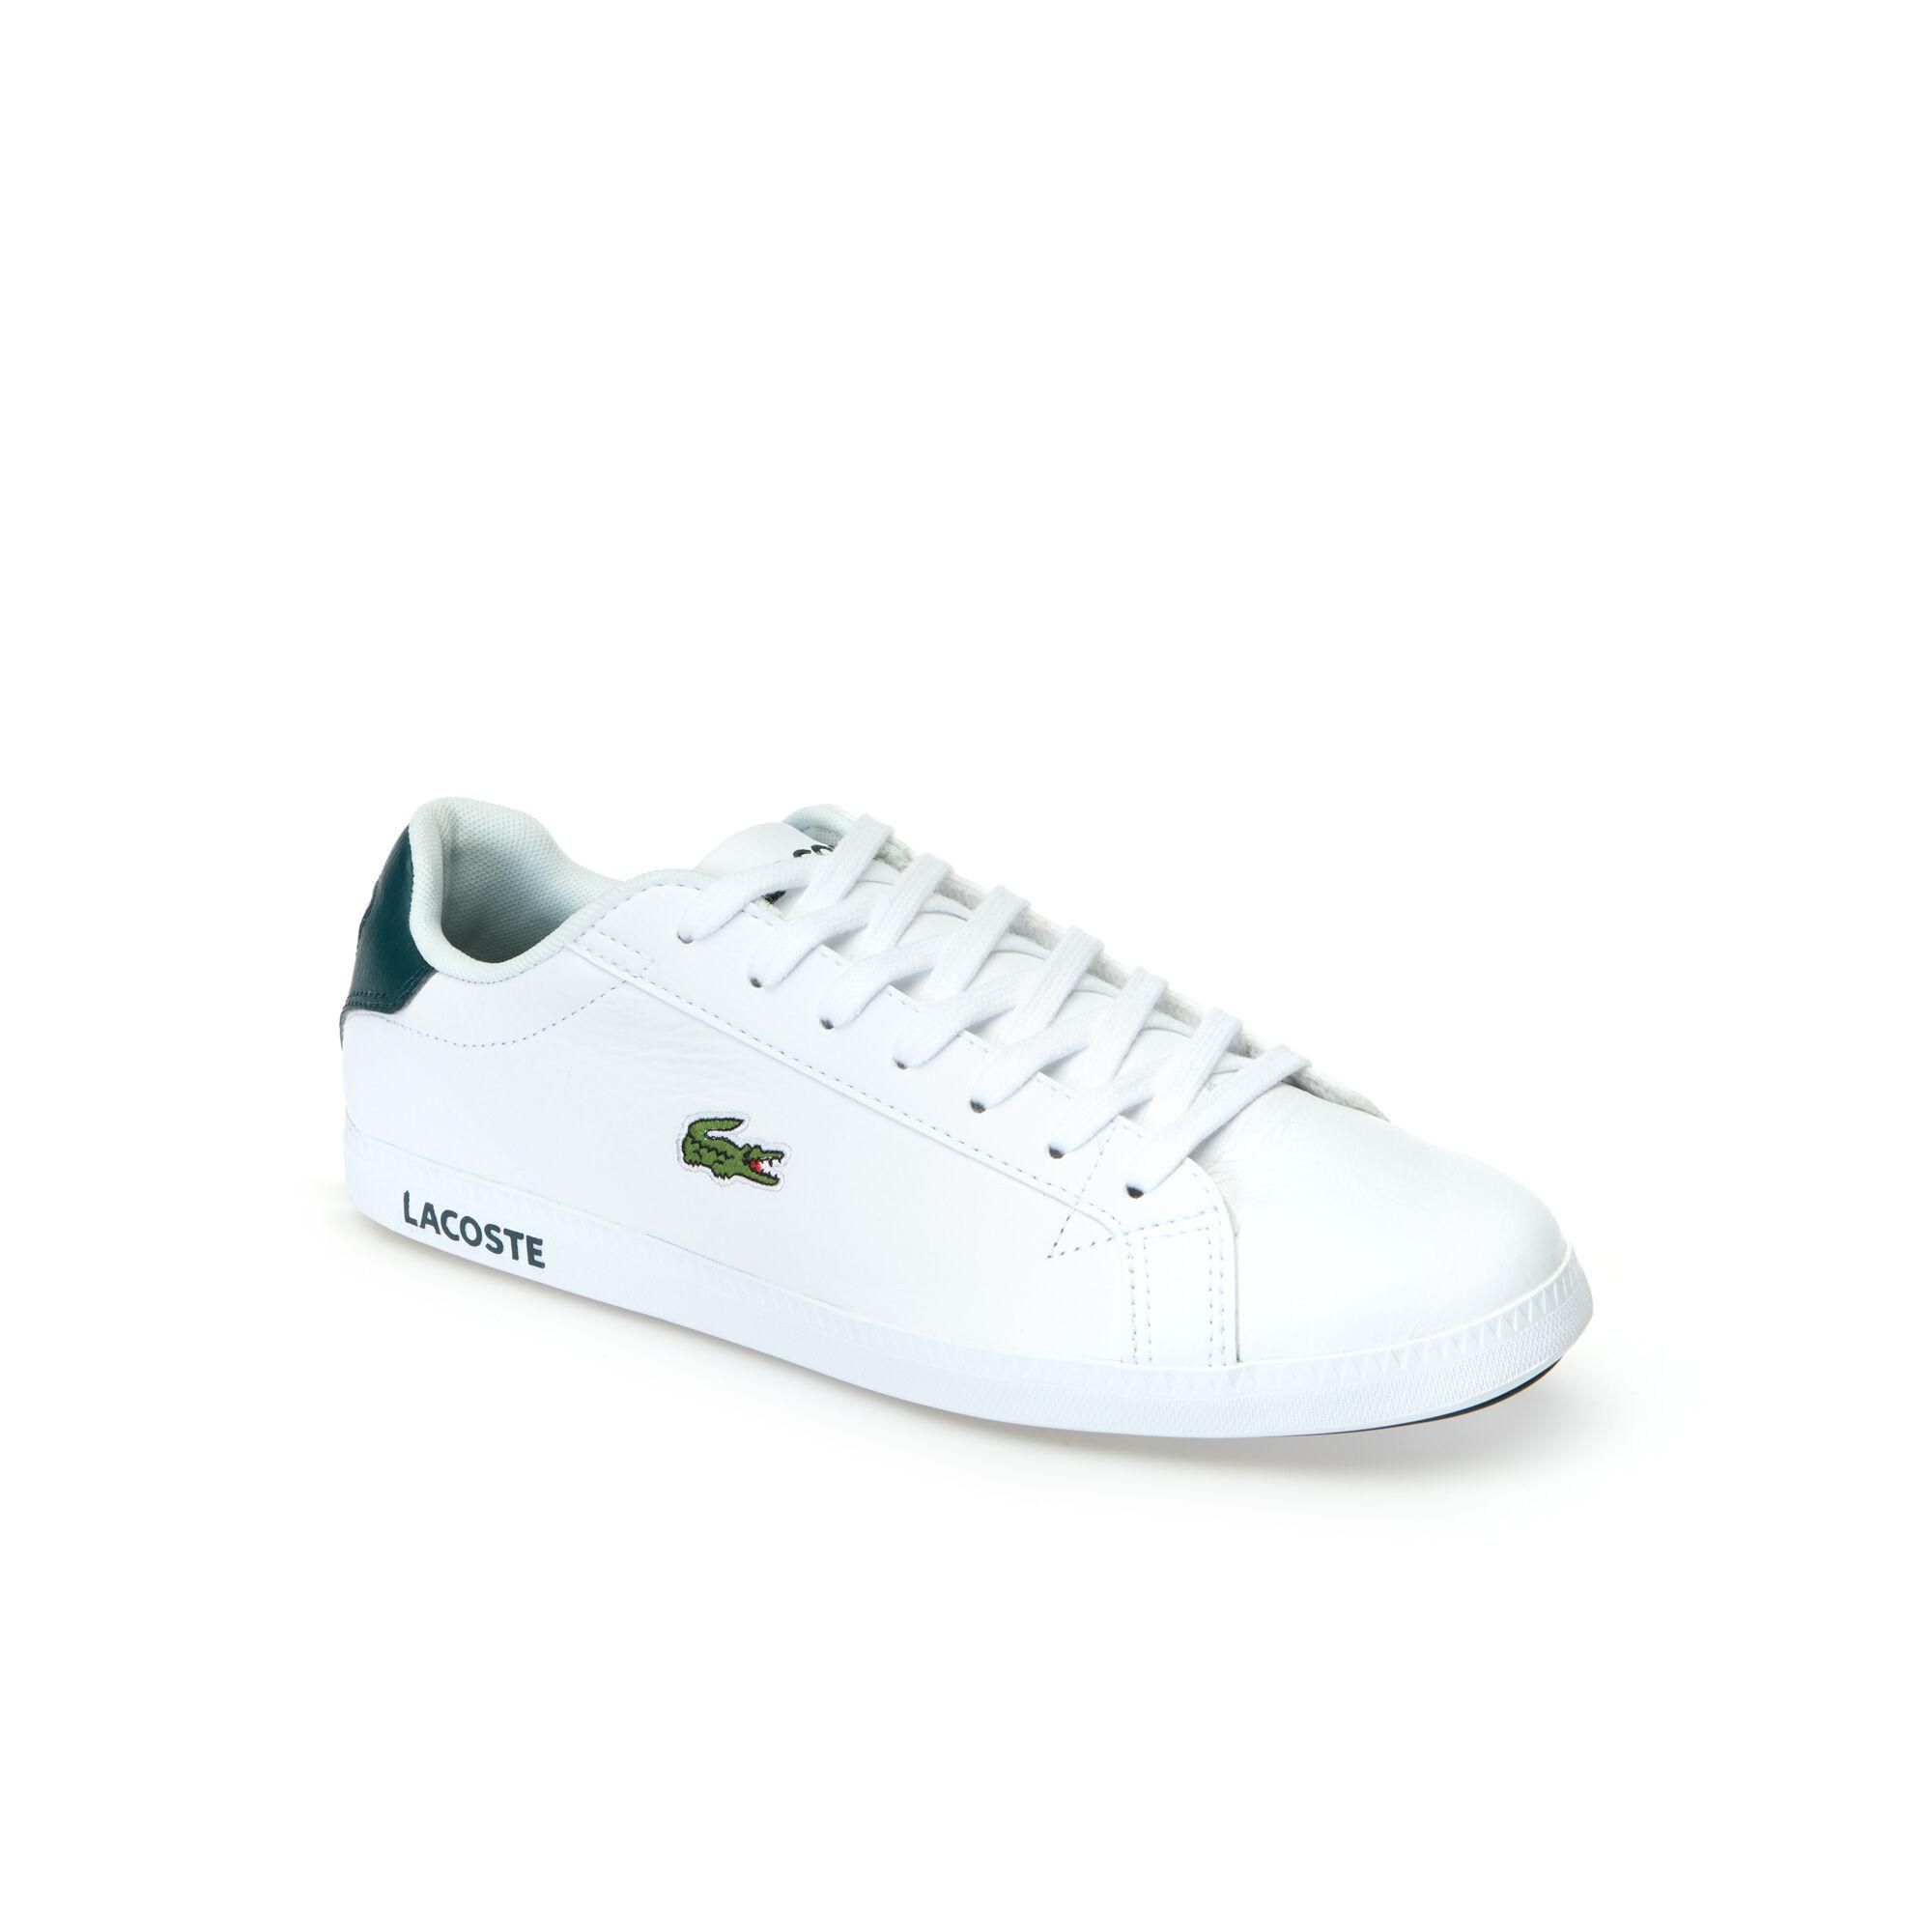 lacoste shoes 300443k